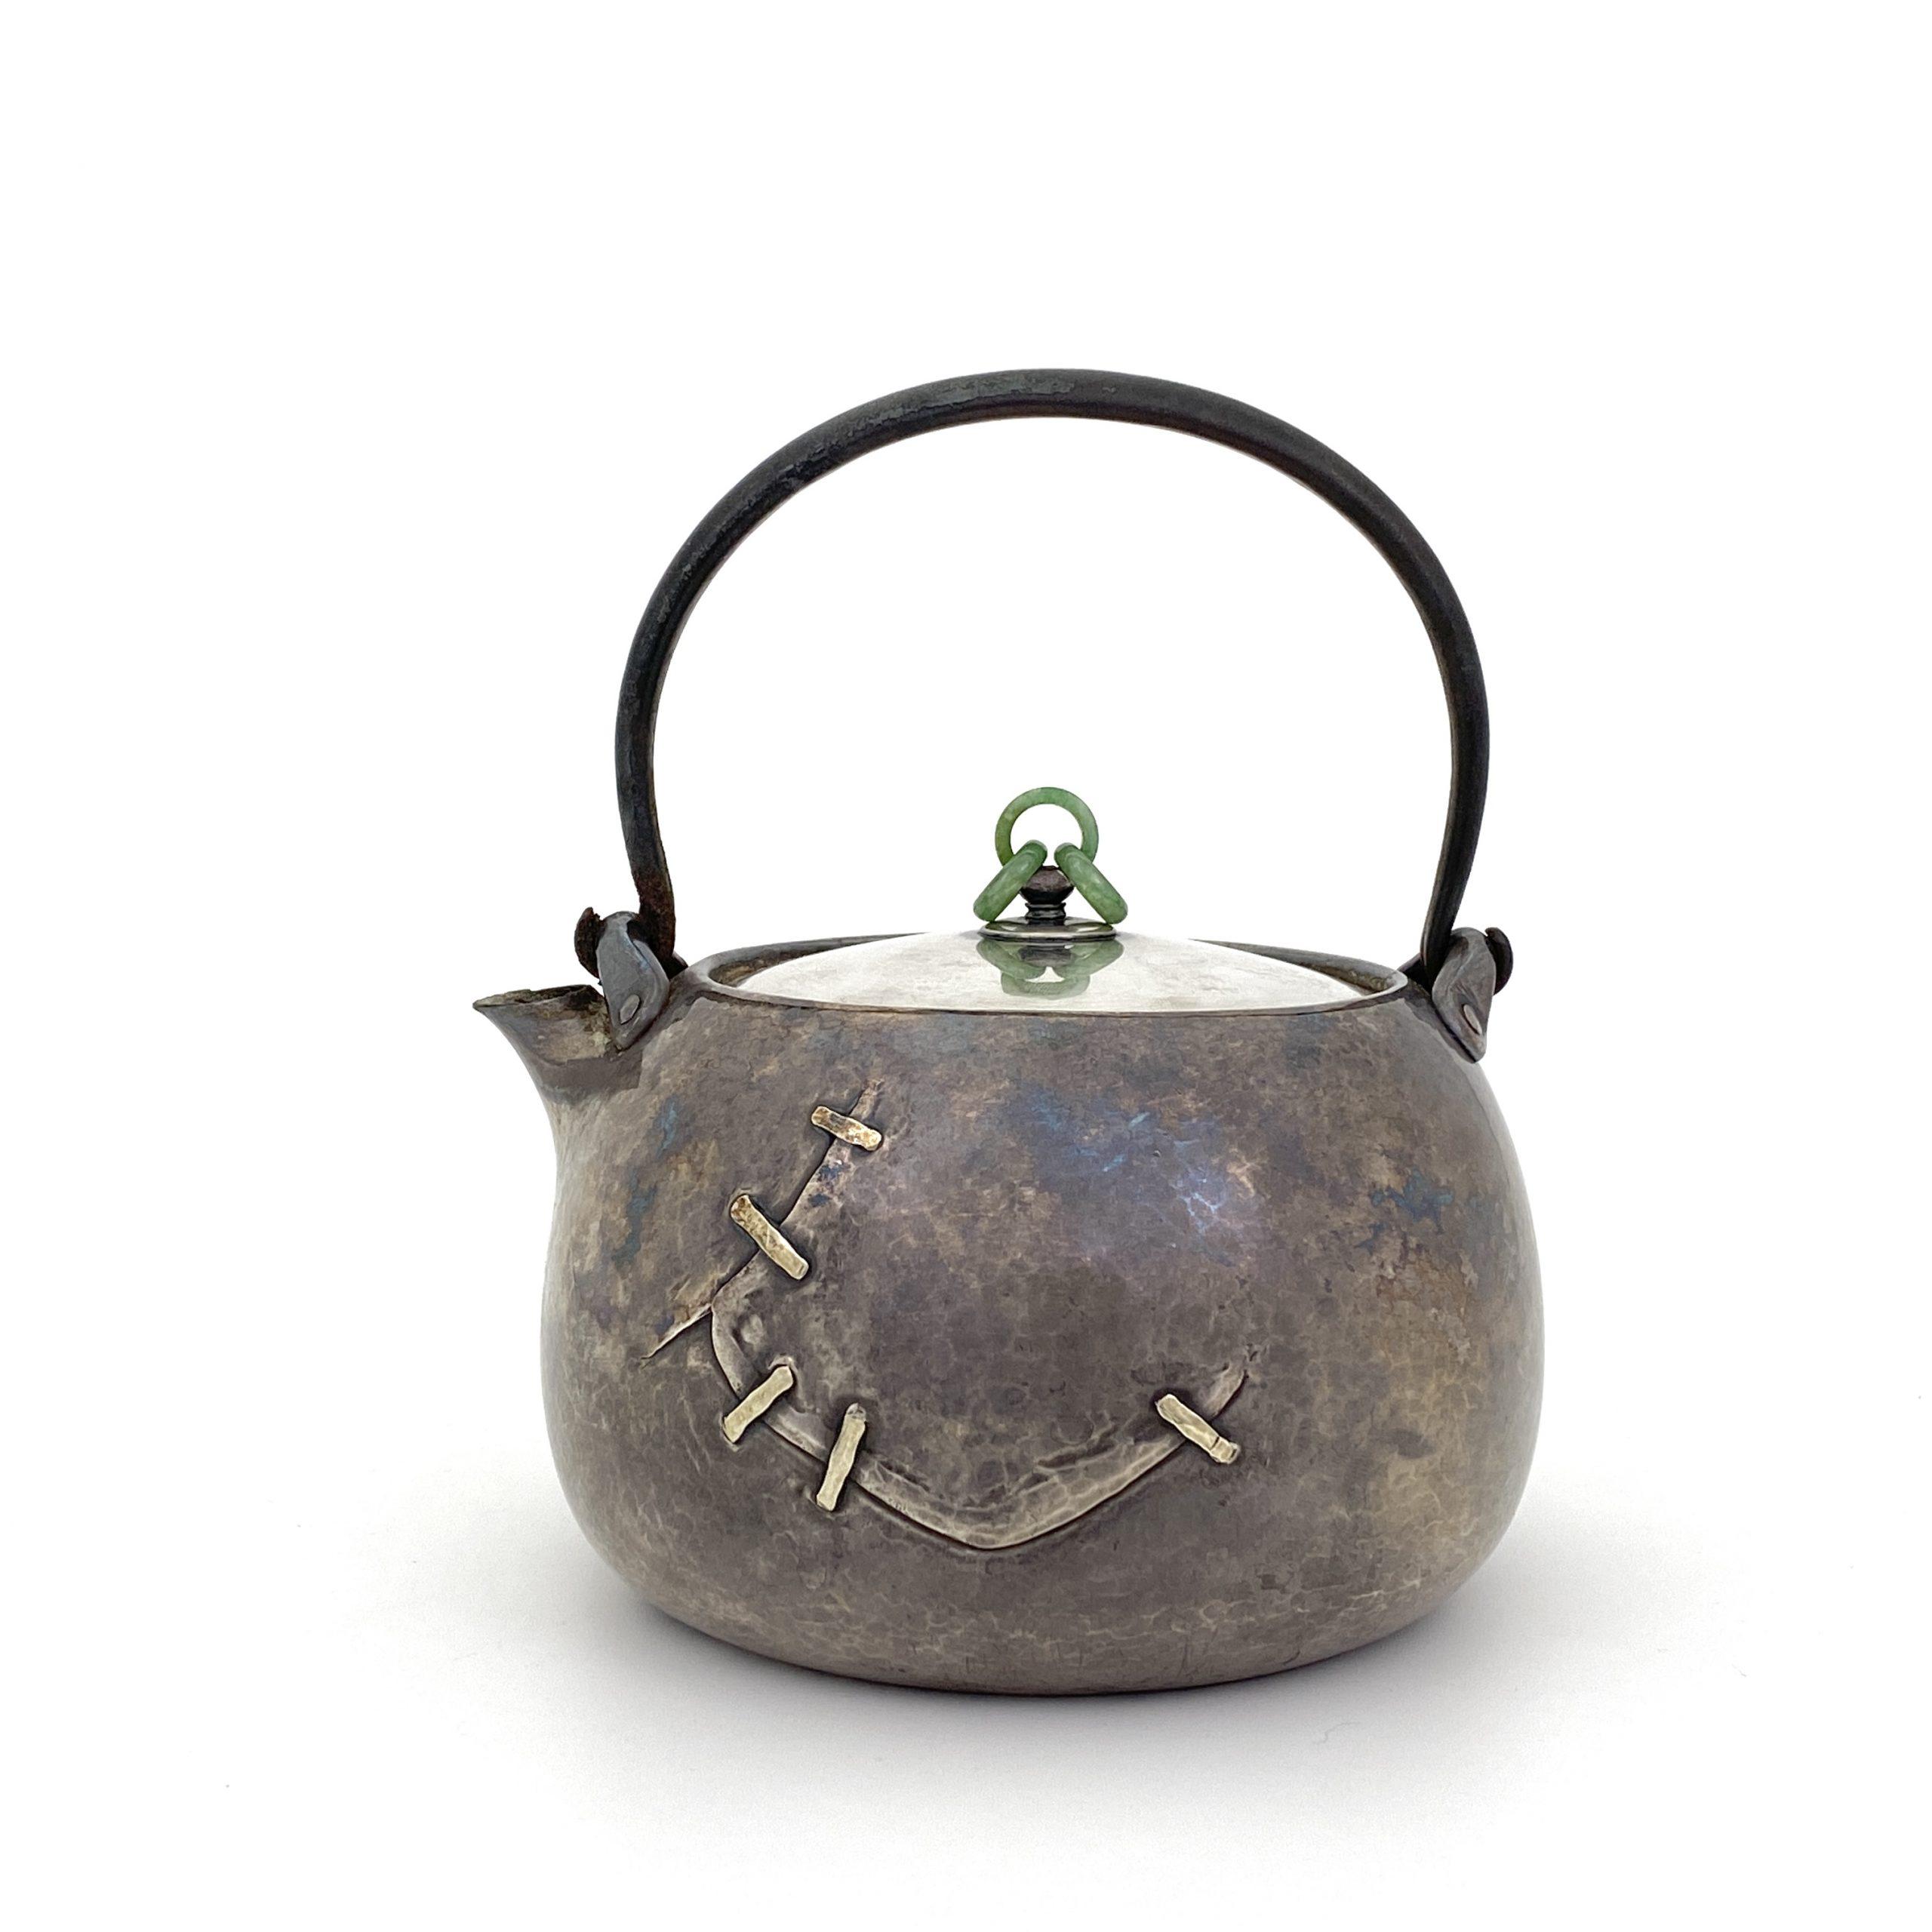 20020「北村静香」造 純銀一塊打出 鉄持手湯沸